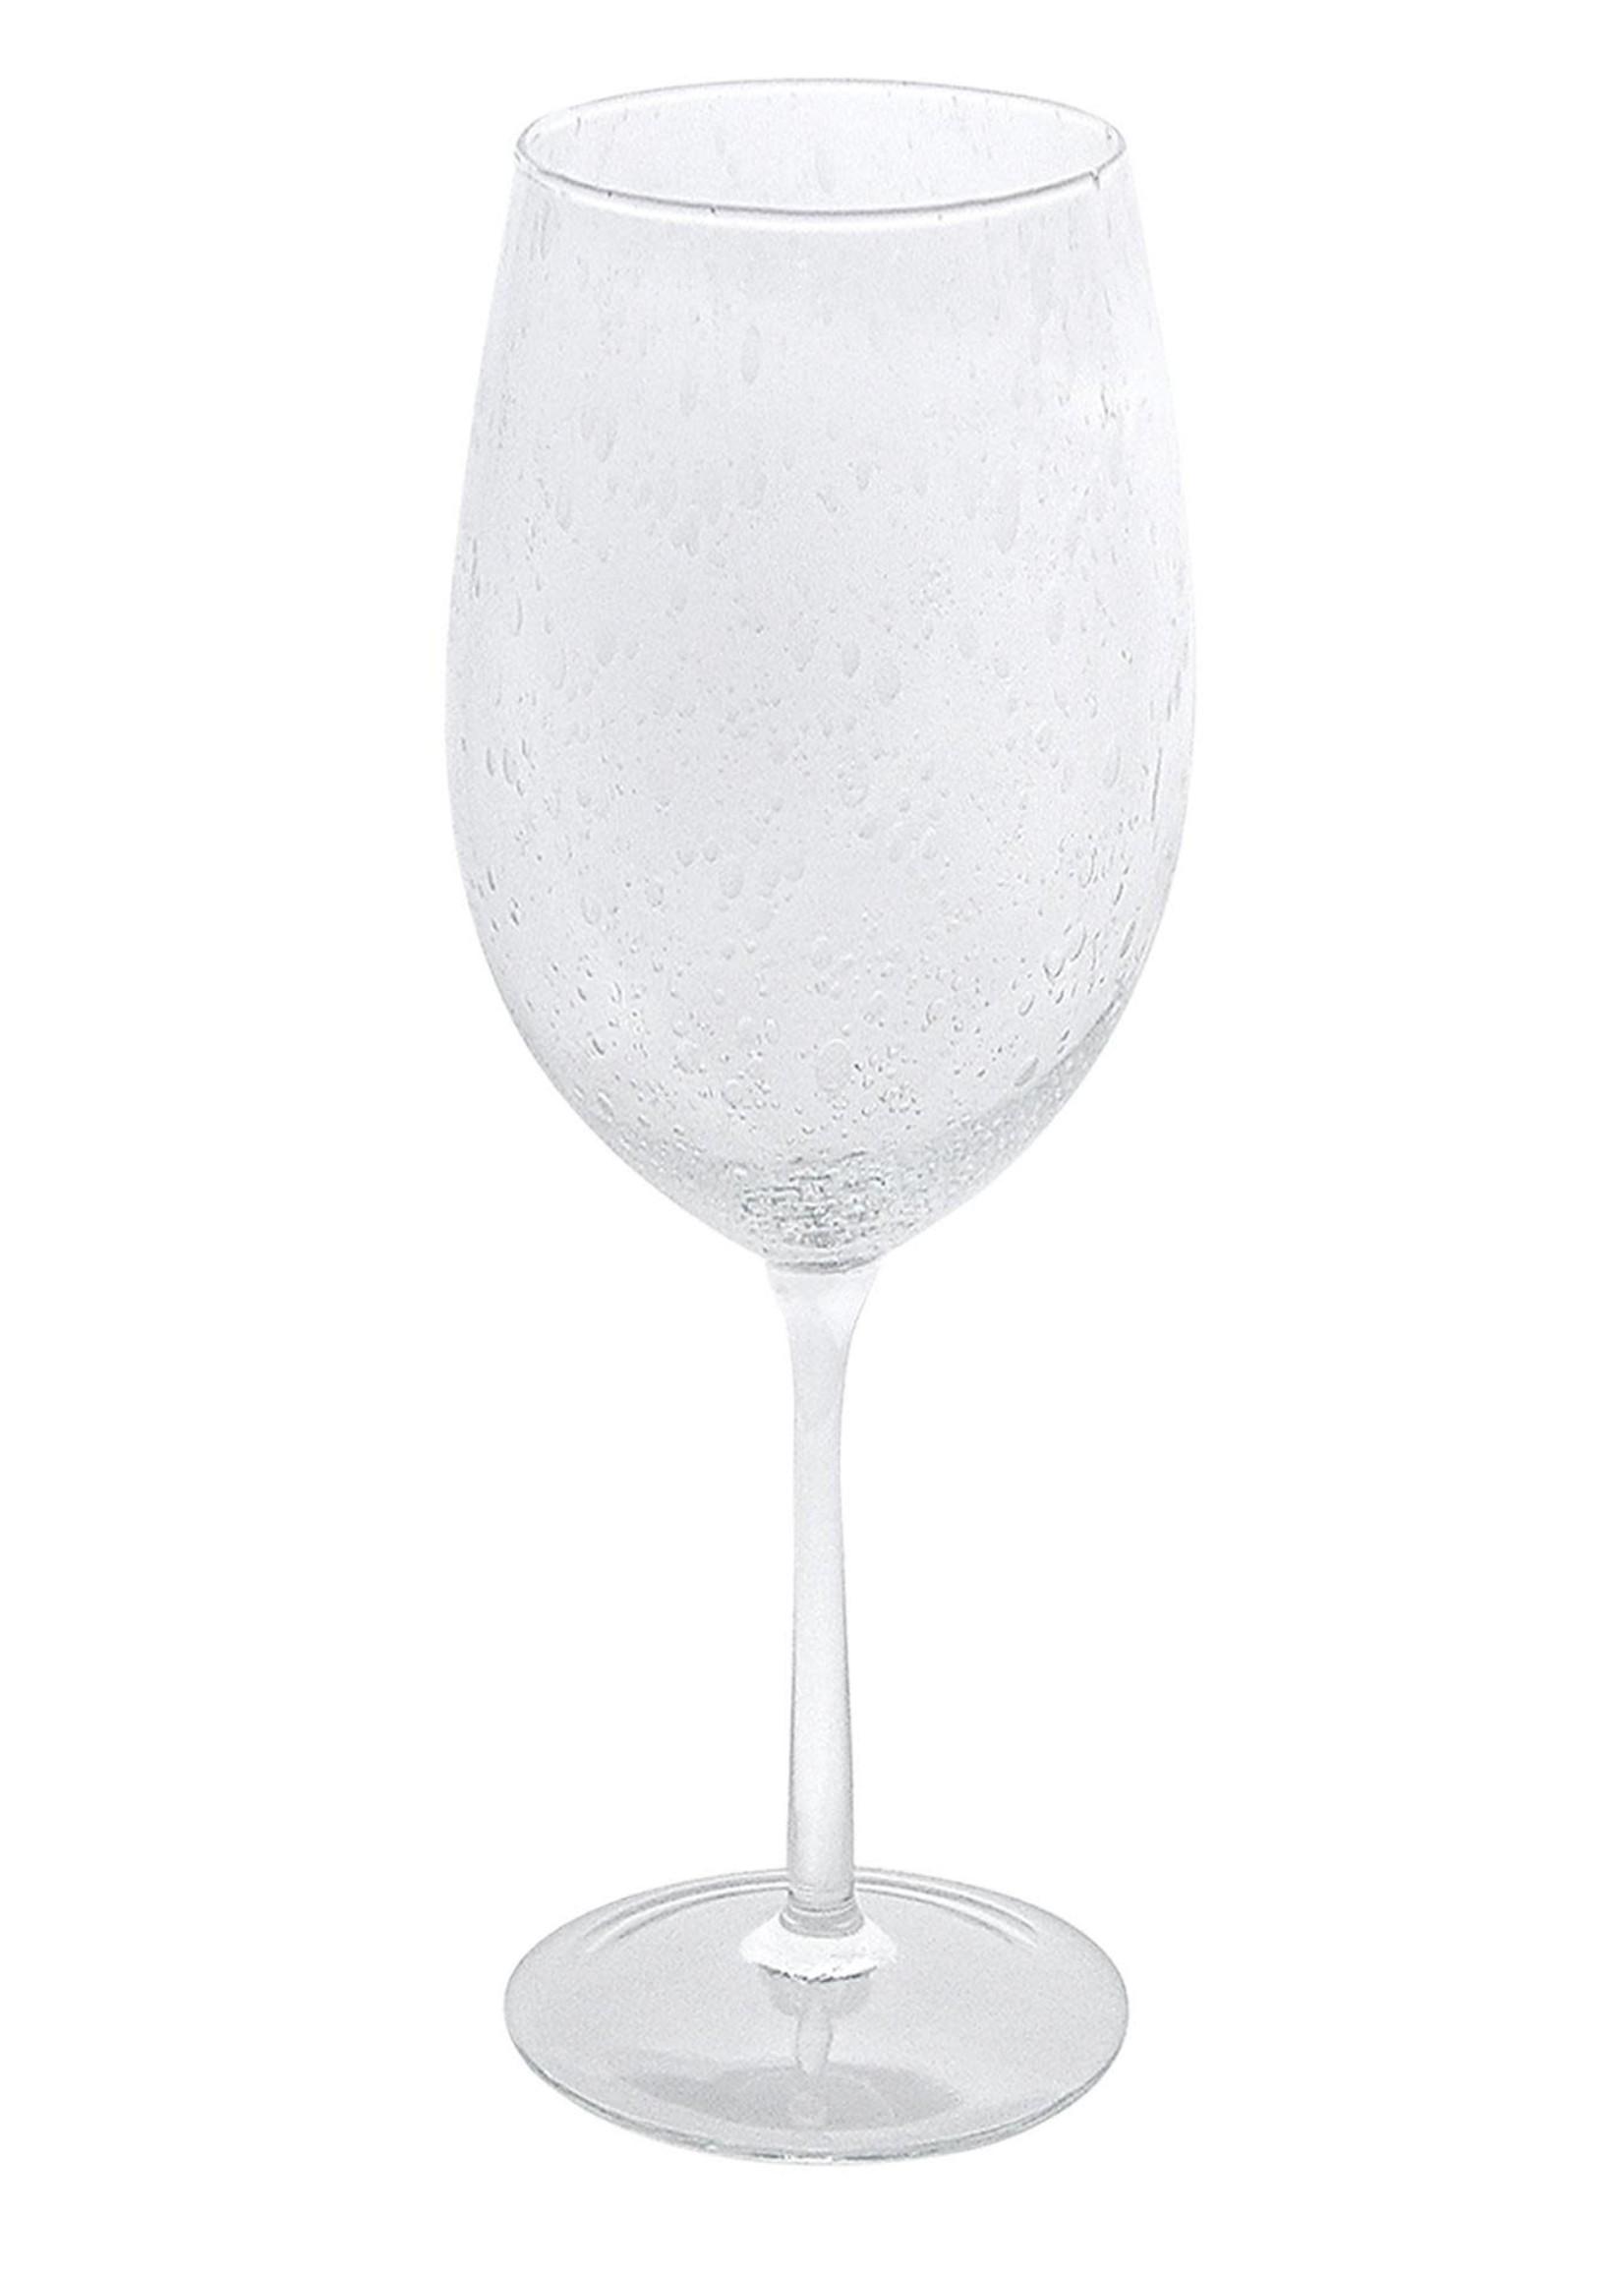 Bellini Oversized Wine Glass